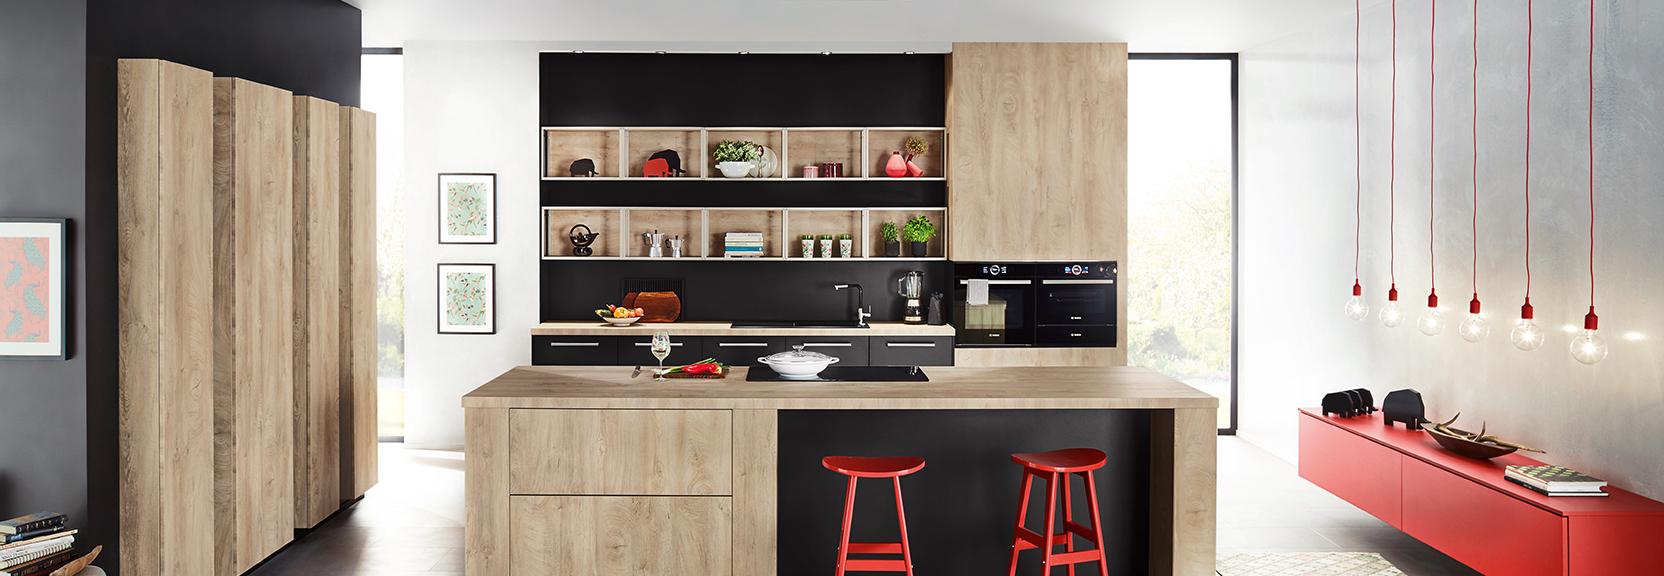 k che zeitlos header de k k. Black Bedroom Furniture Sets. Home Design Ideas